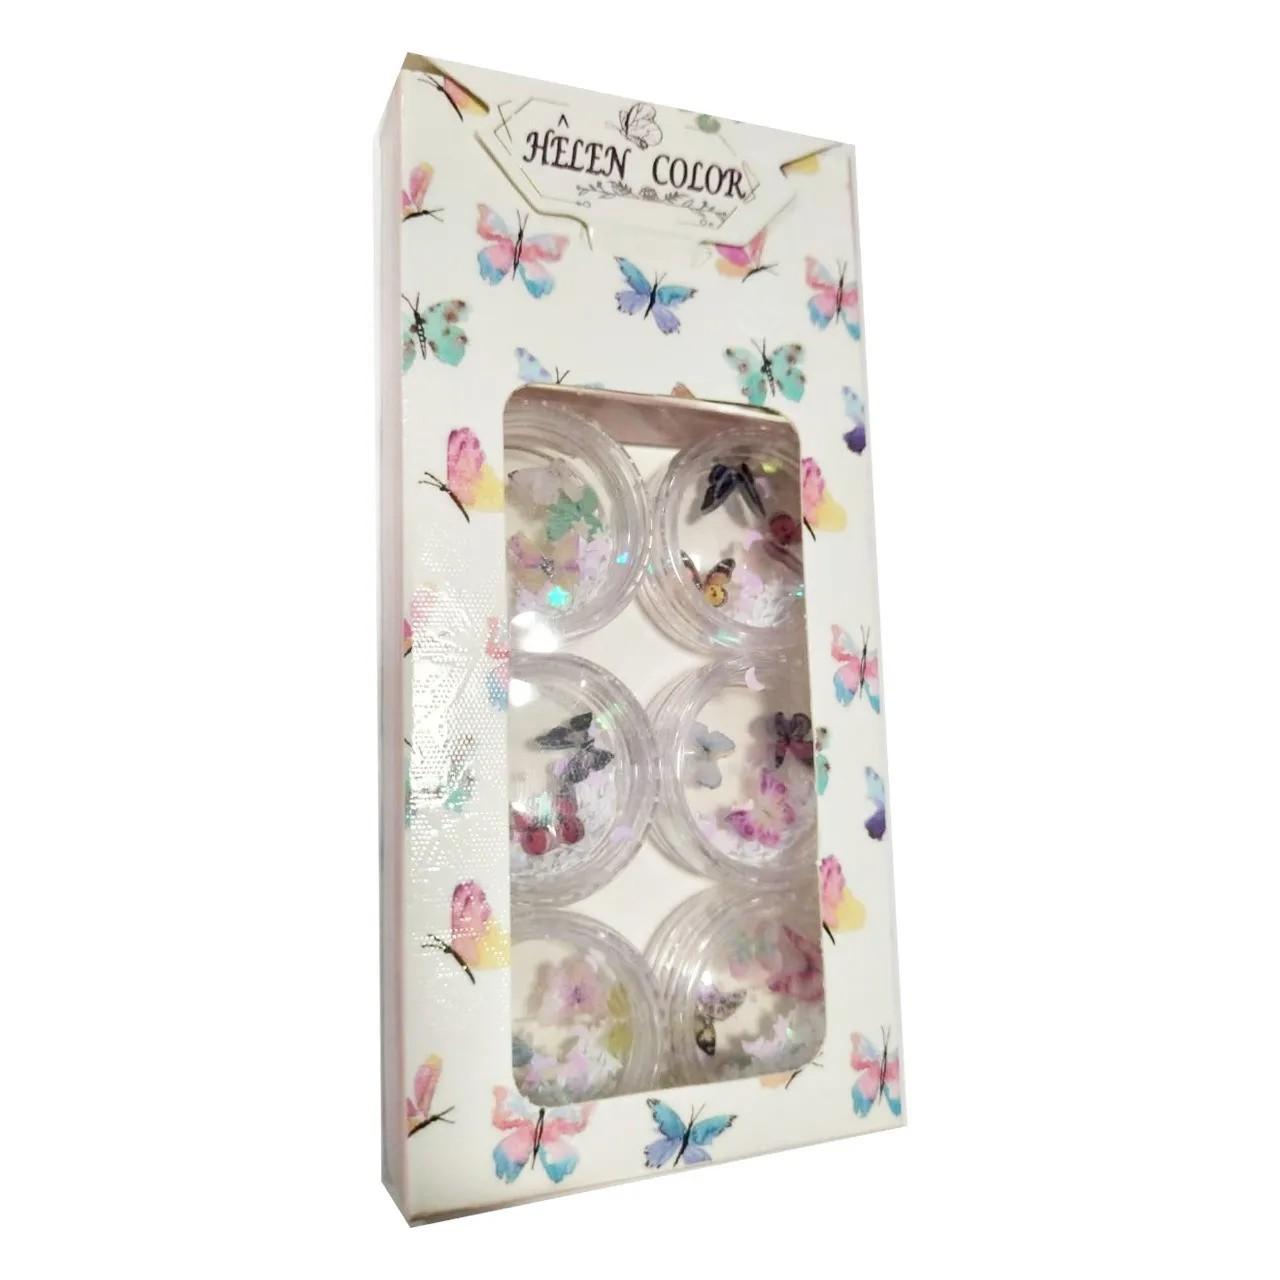 Kit com borboletinhas de acrílico para decoração - 6 unidades - Helen Color